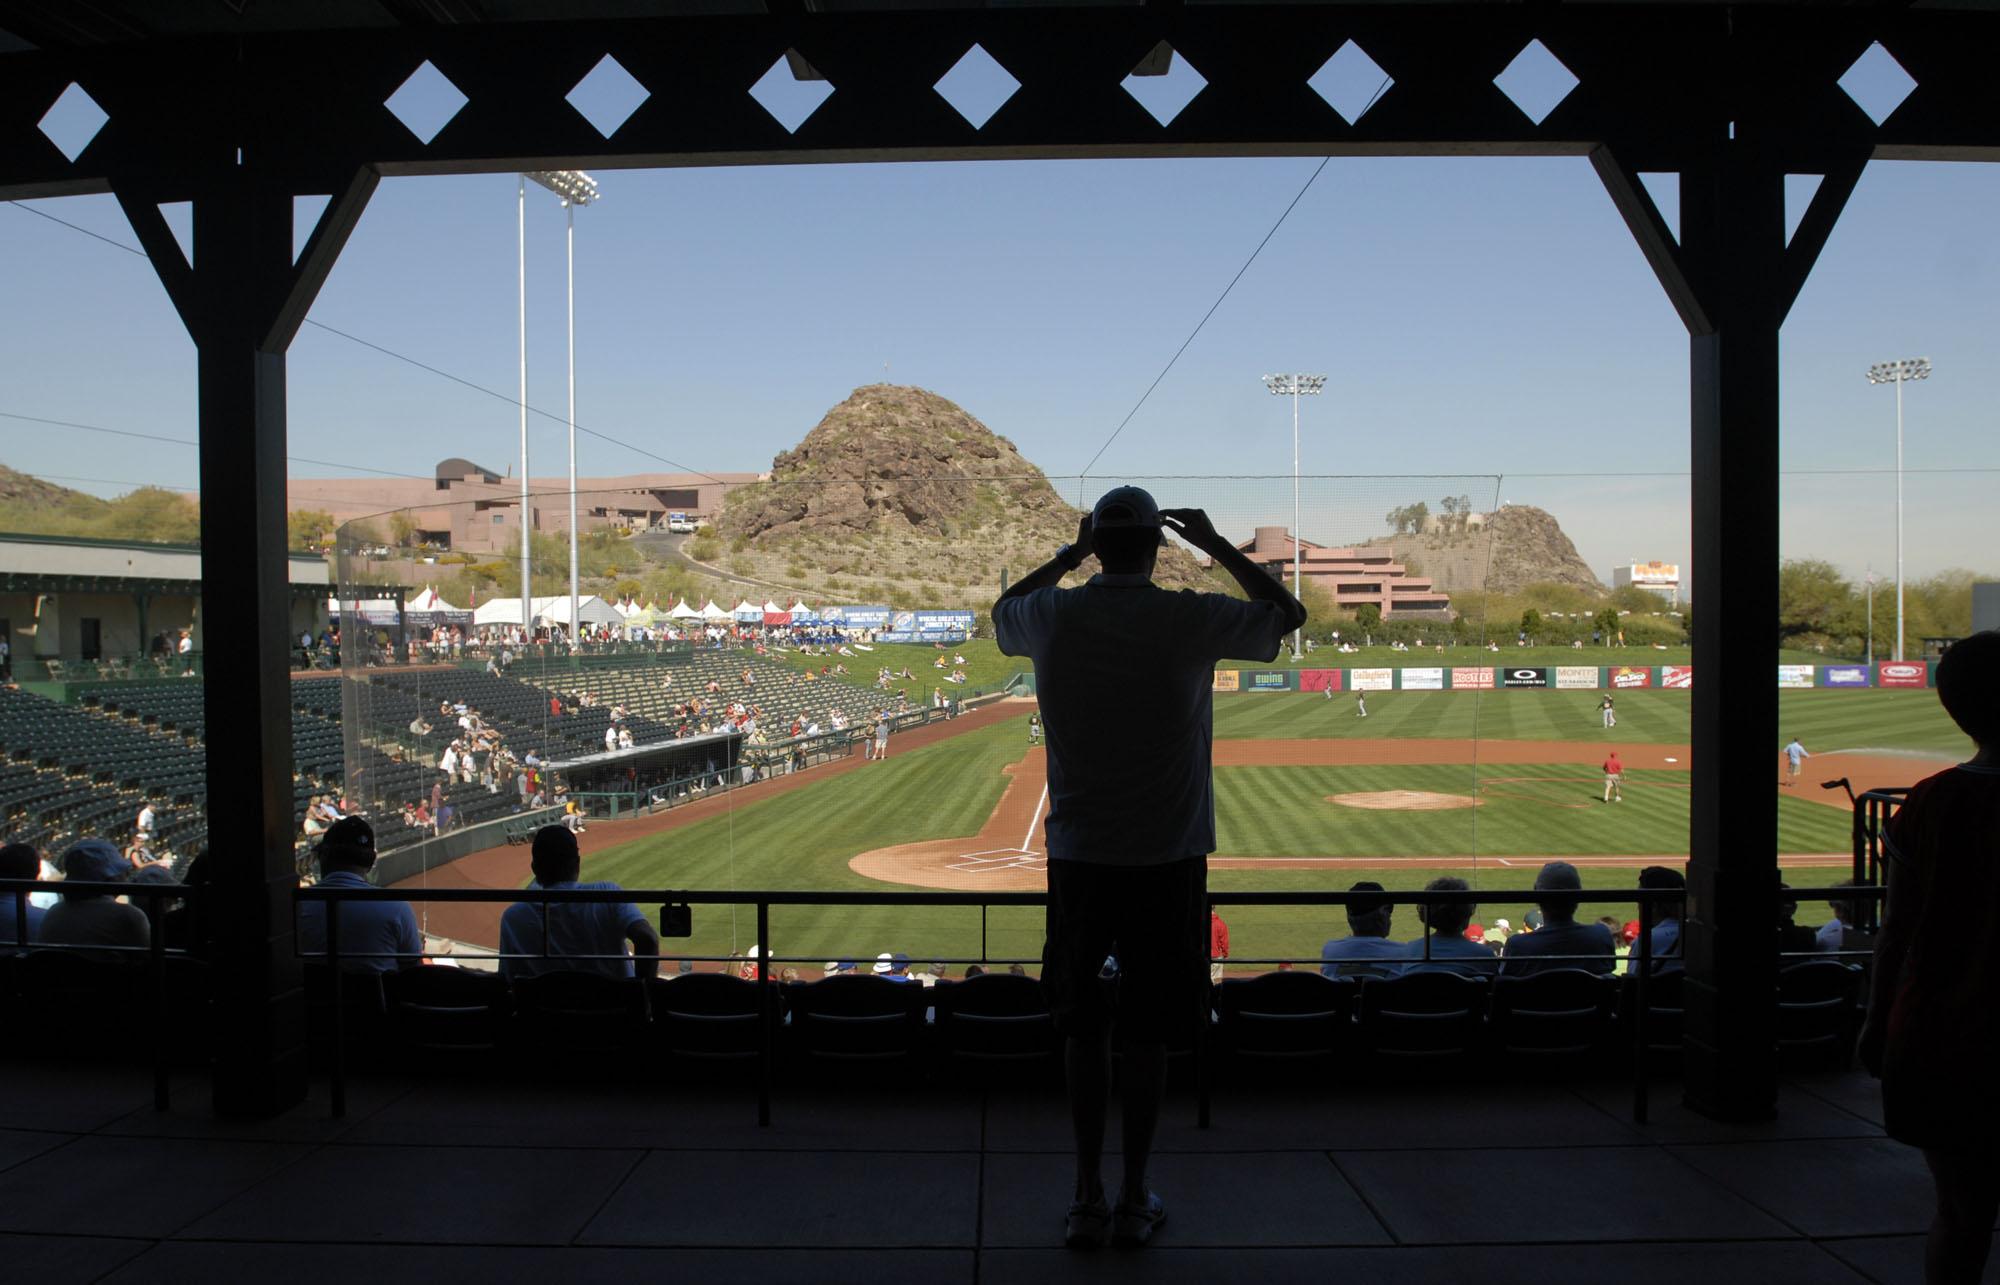 亚利桑那州沙漠提供了80度温度,在暗黑破坏神体育场,奥克兰田径运动员于2009年2月26日星期四举行洛杉矶天使,在亚利桑那州坦佩(Karl Mondon /员工)